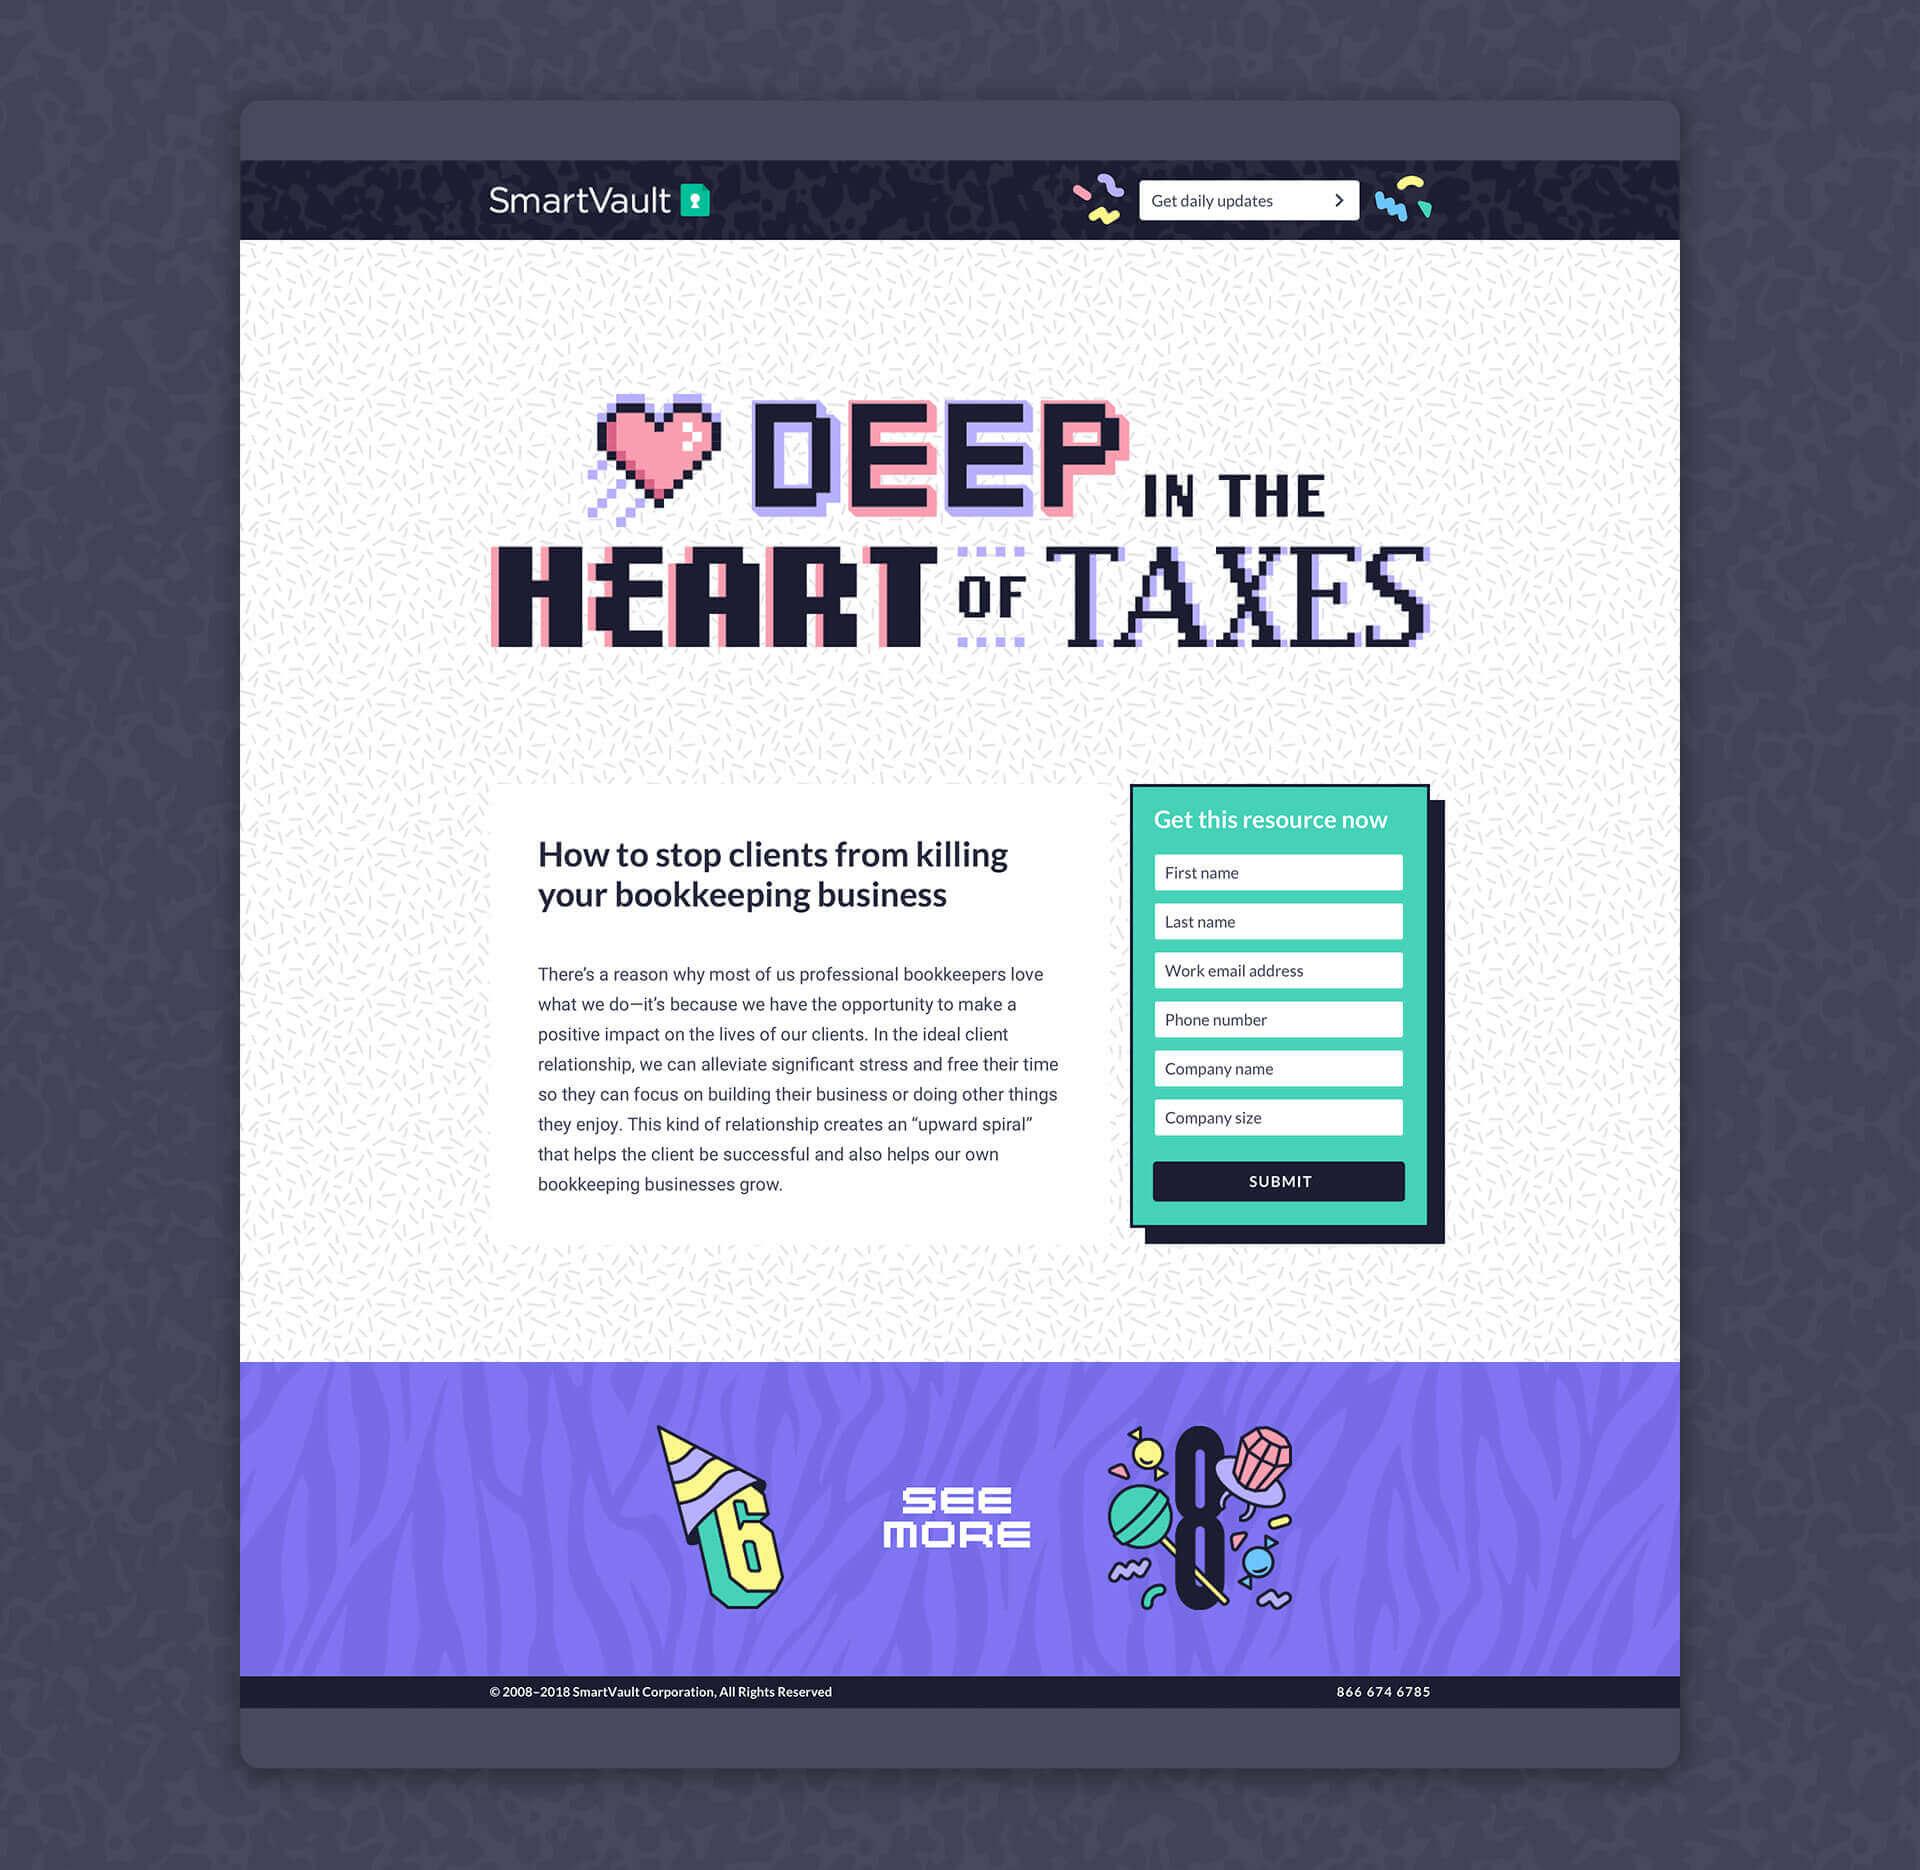 studio-malagon-smartvault-bday-web-design-subpage